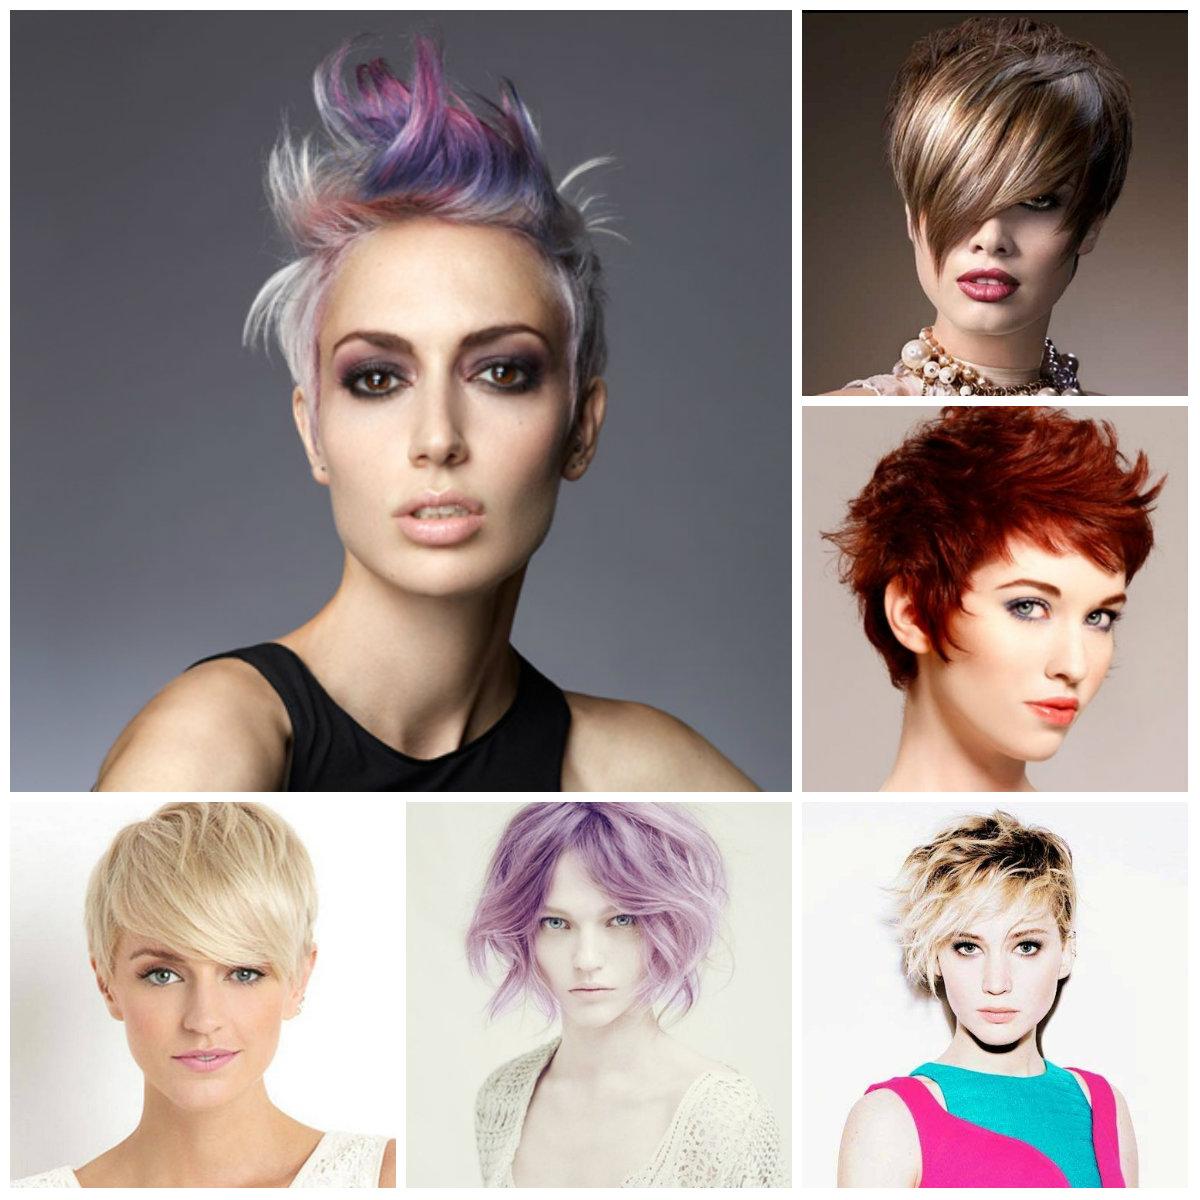 Vrei o schimbare radicala de look pentru Sarbatori? Iata ce recomanda hairstylistul Cristi Pascu!